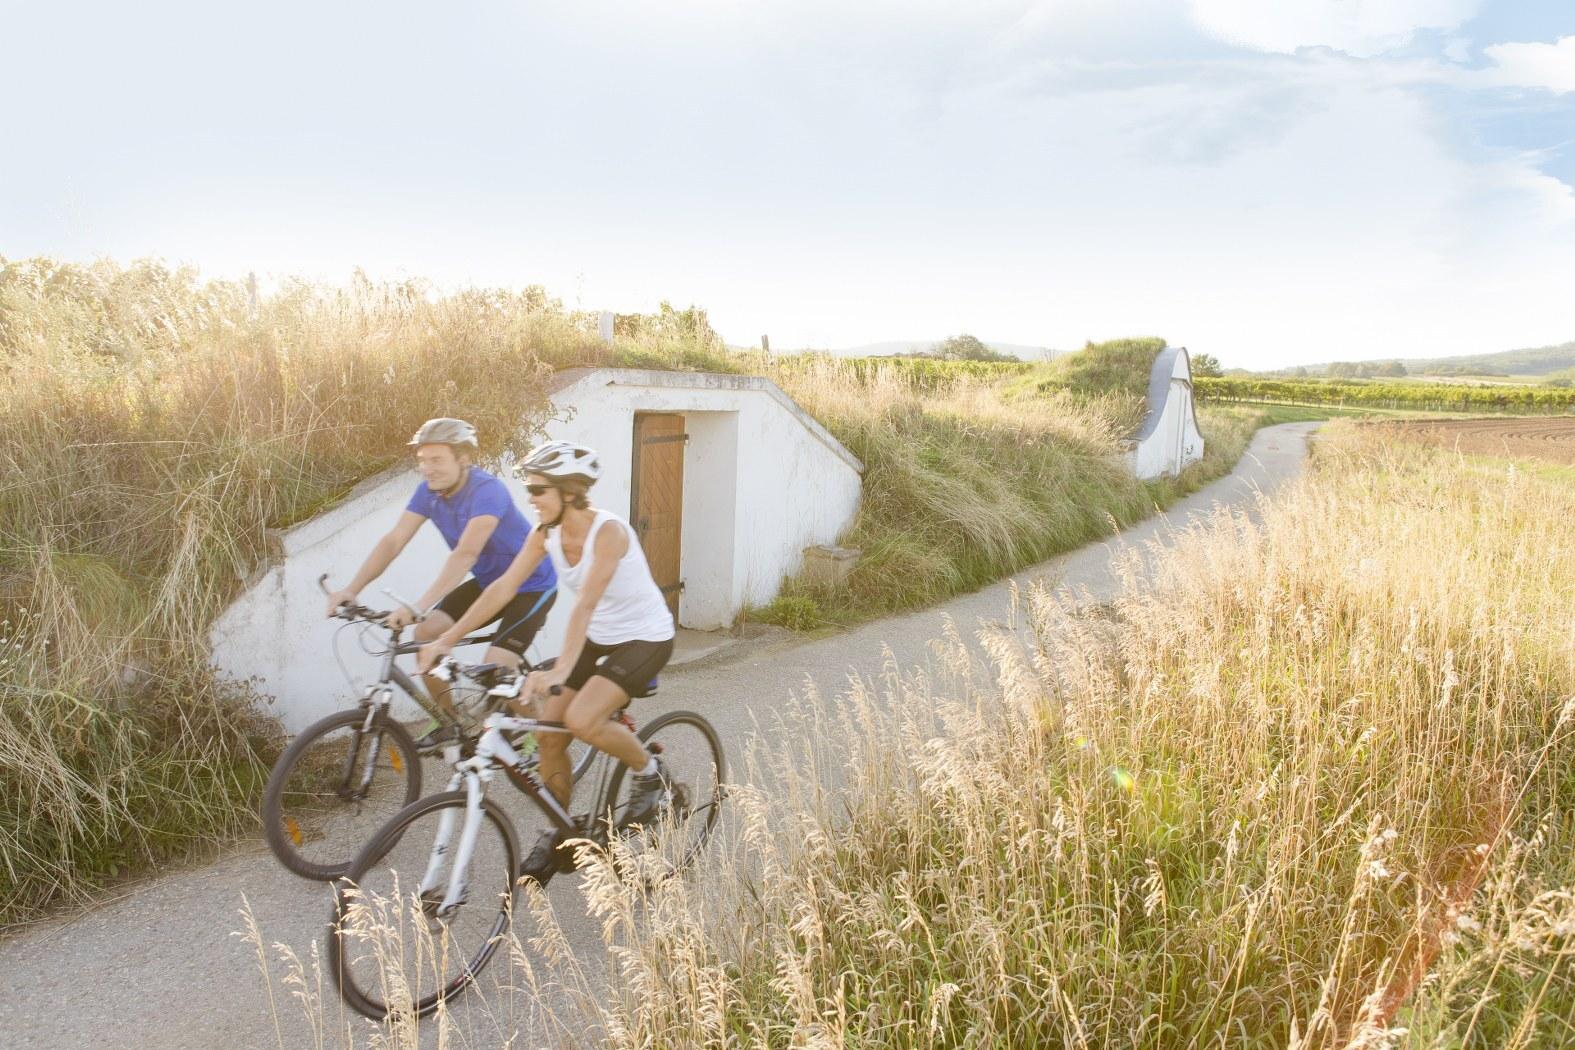 езда на велосипеде в Нижней Австрии в Вайнфиртель; (c) Niederösterreich Werbung / Astrid Bartl